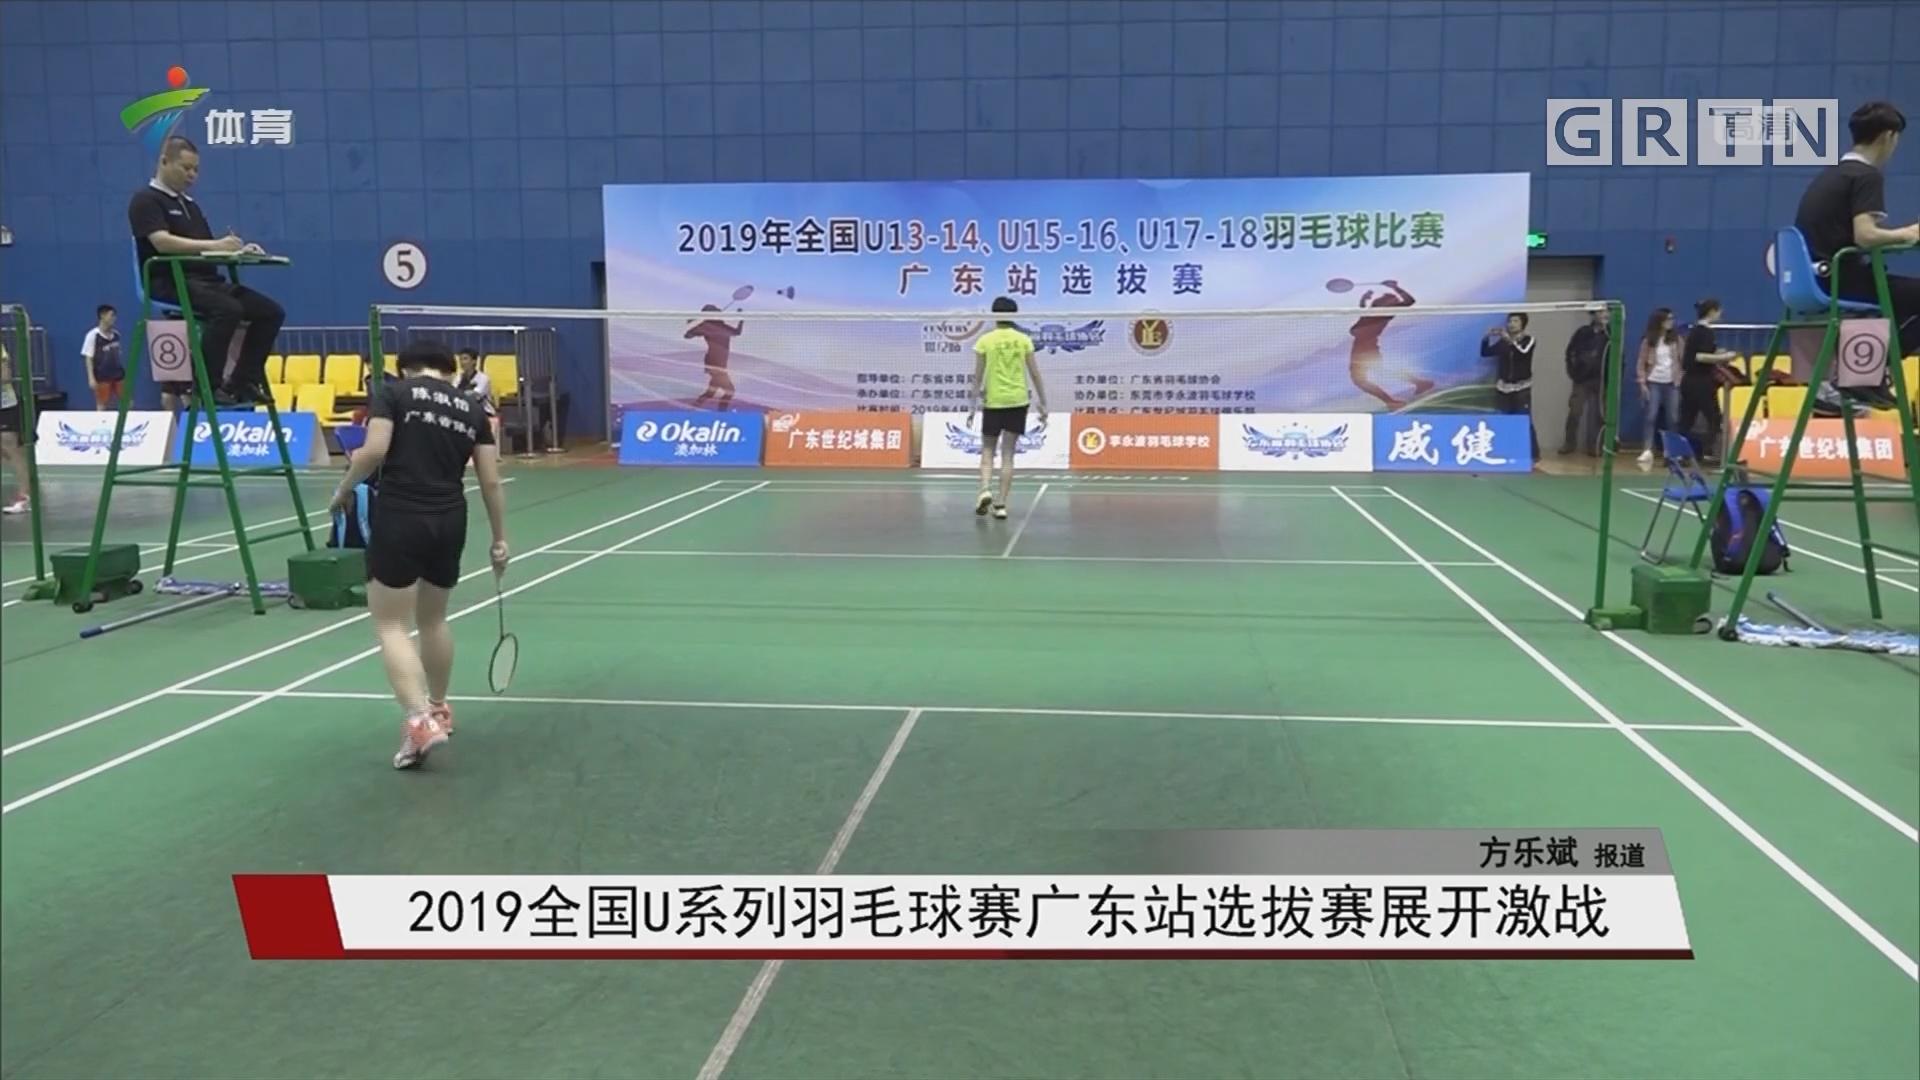 2019全国U系列羽毛球赛广东站选拔赛展开激战